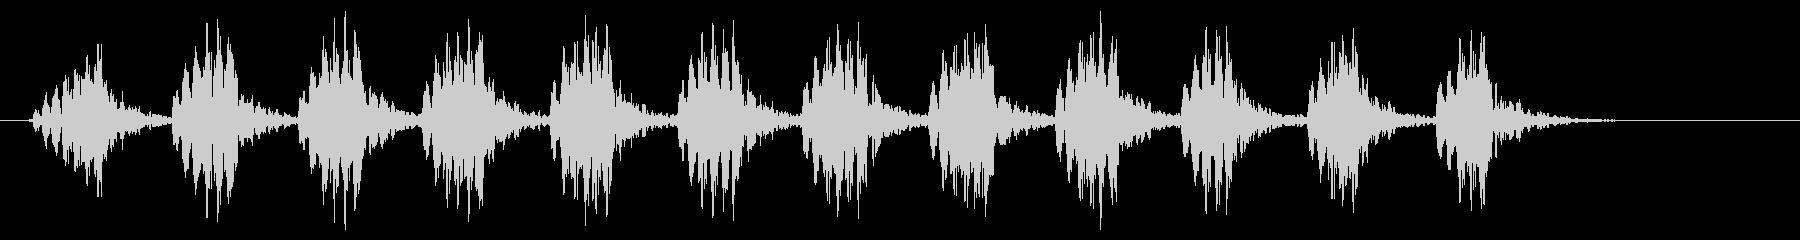 コオロギ 鳴き声 ギィギィギィ…(短い)の未再生の波形